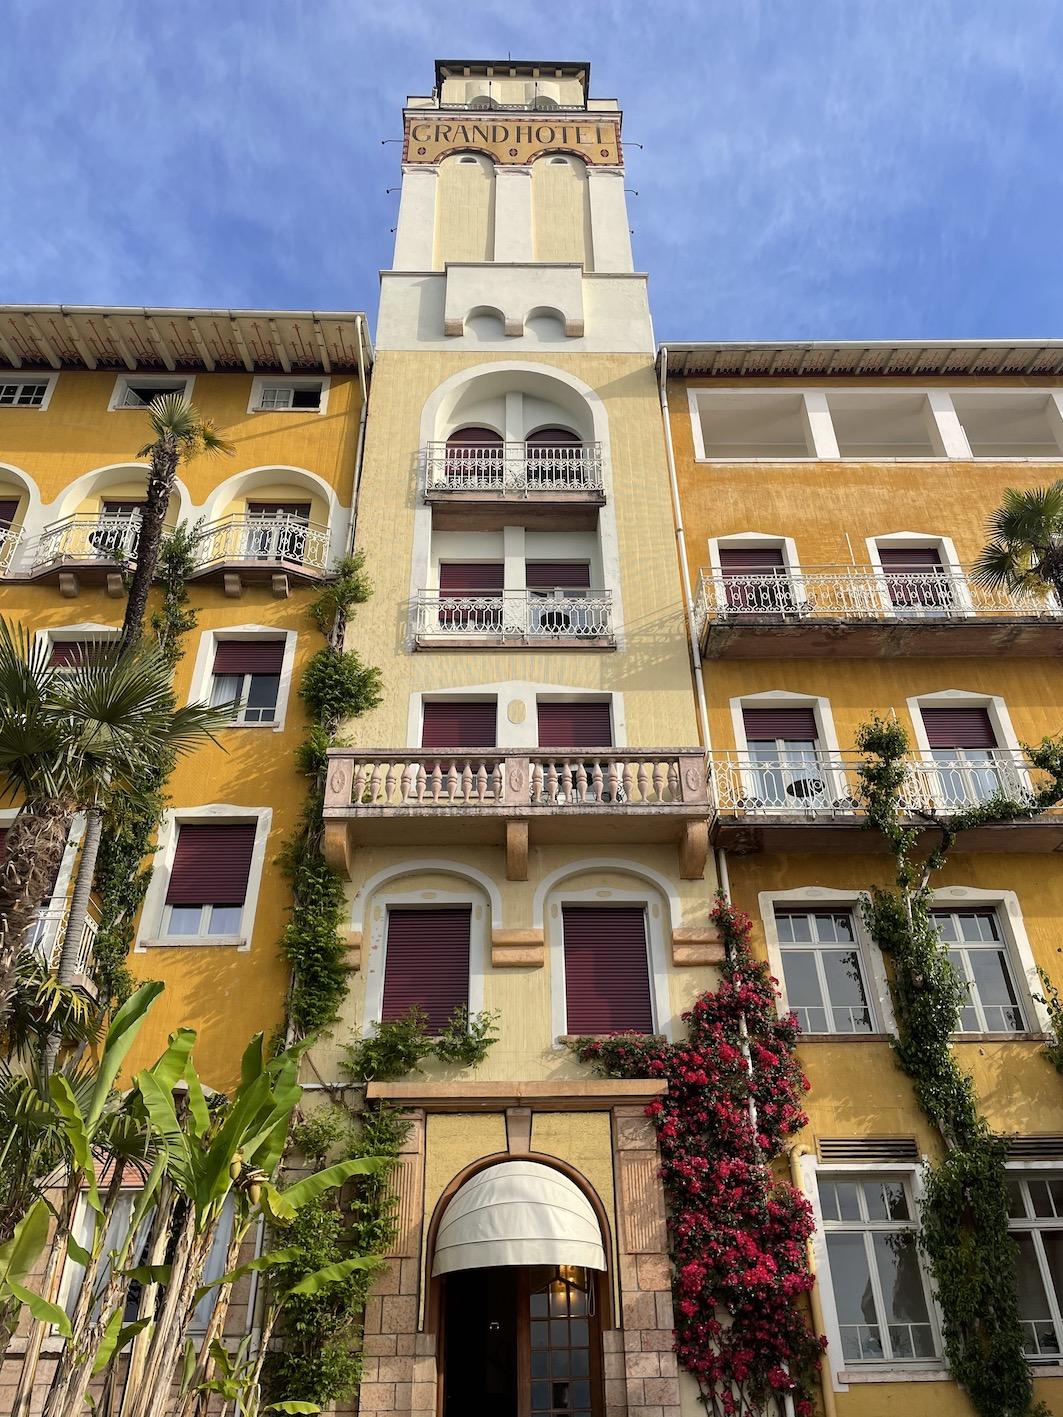 Grand Hotel Gardone Riviera - mOsi-unterwegs